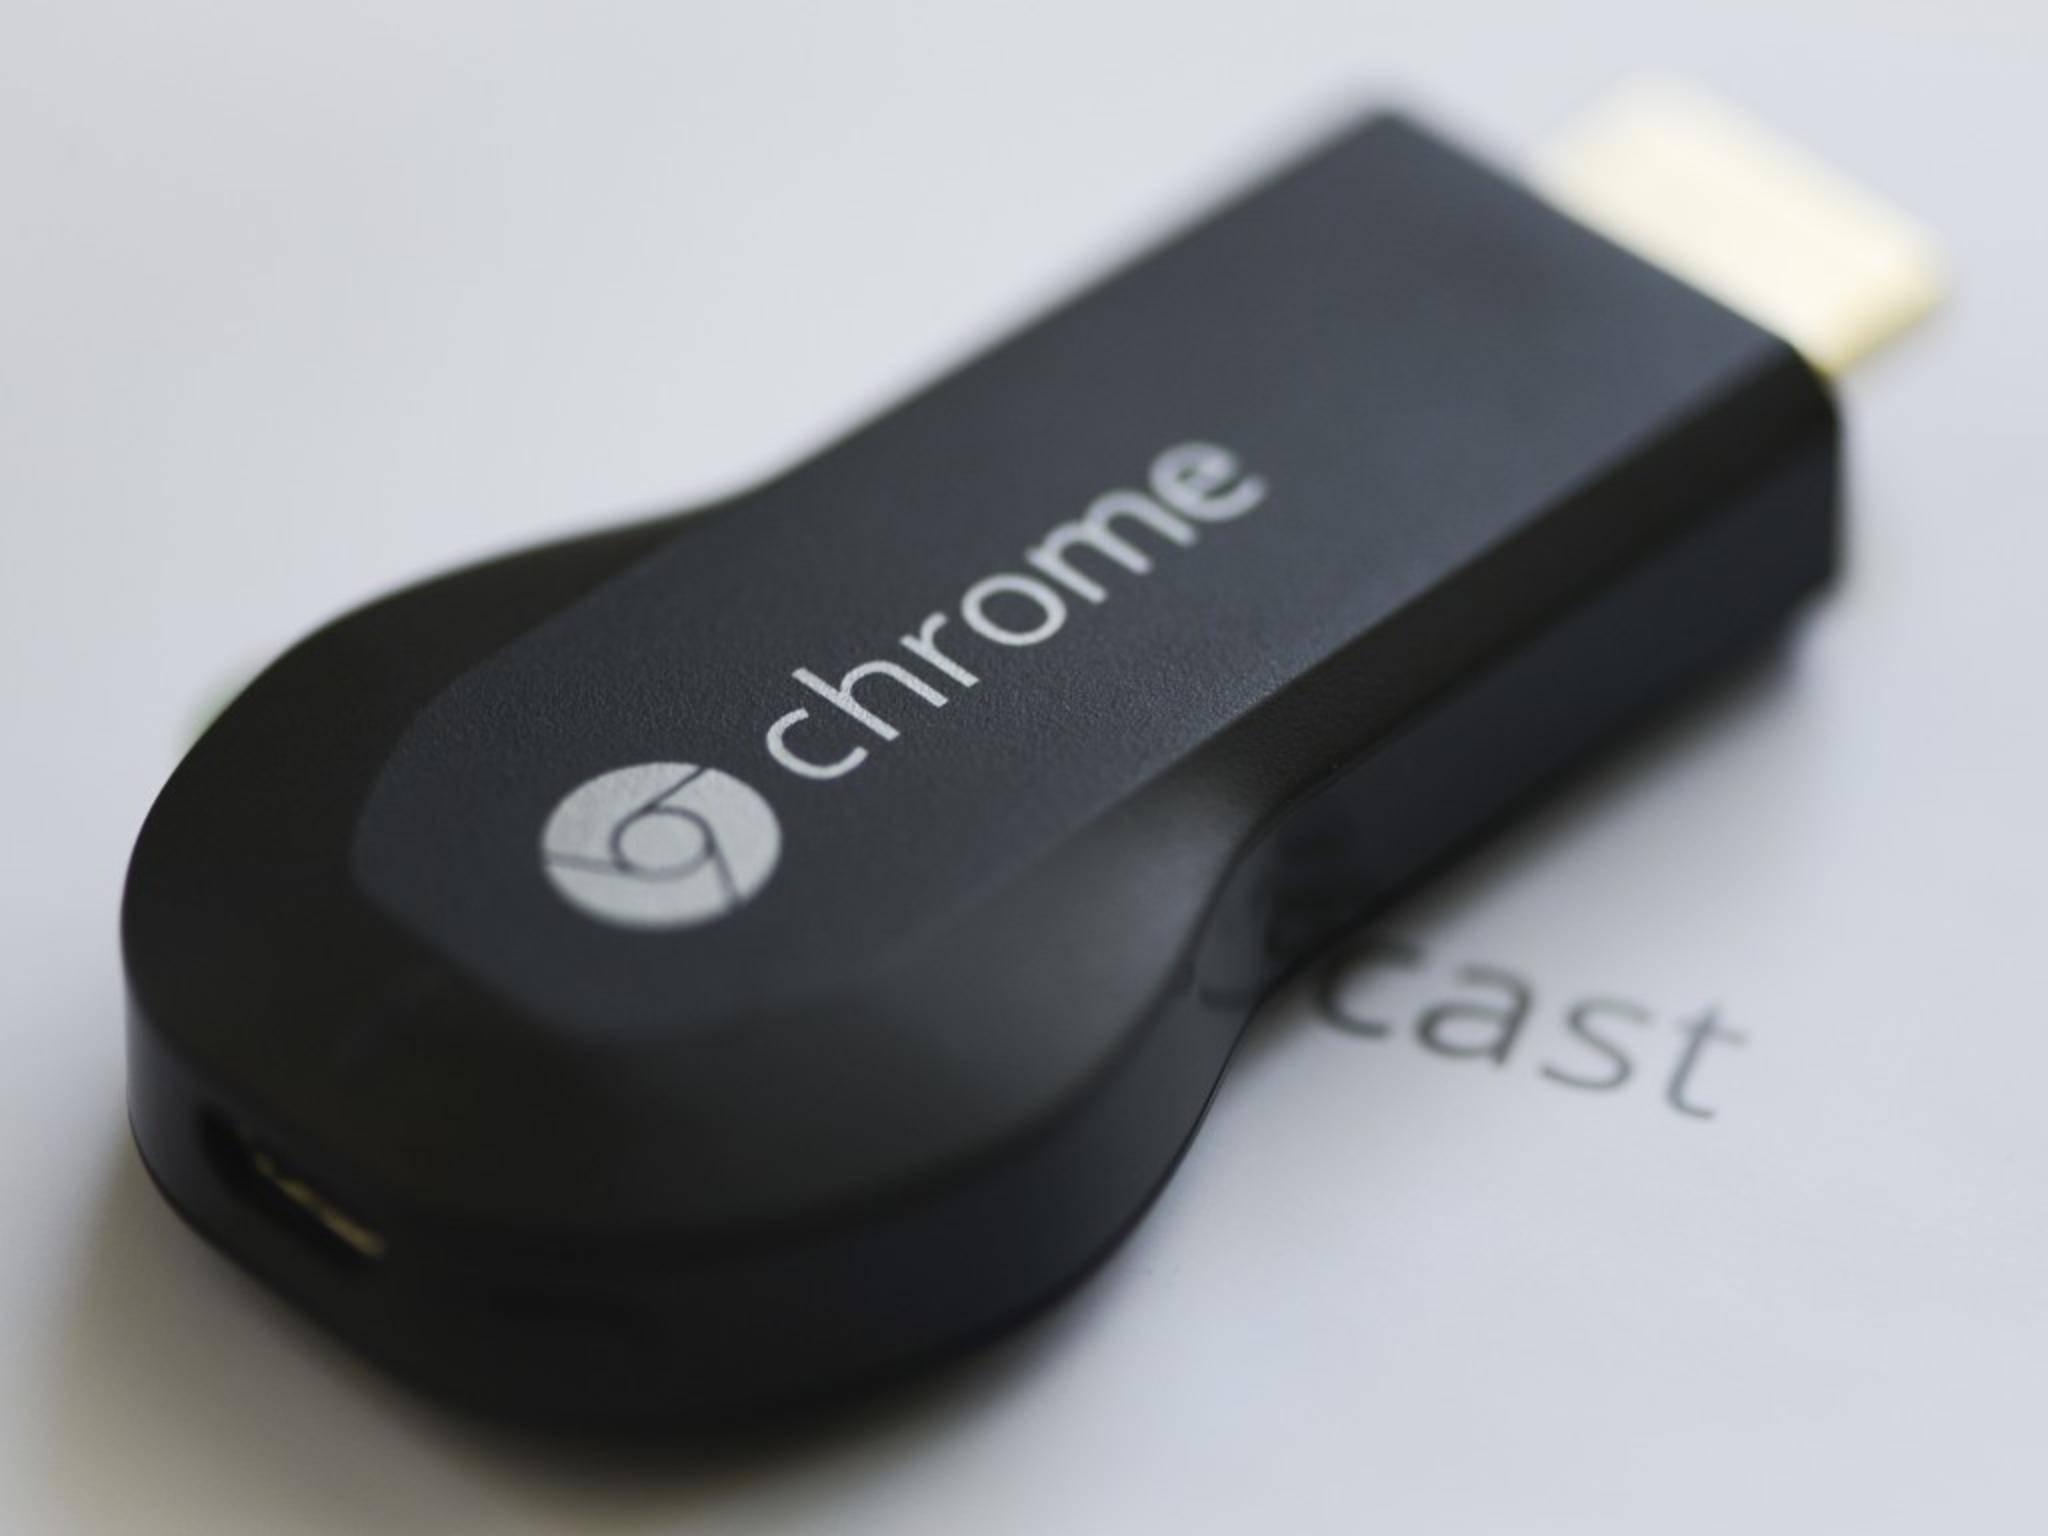 HDMI-Dongles wie der Google Chromecast machen auch ältere Fernseher smart.